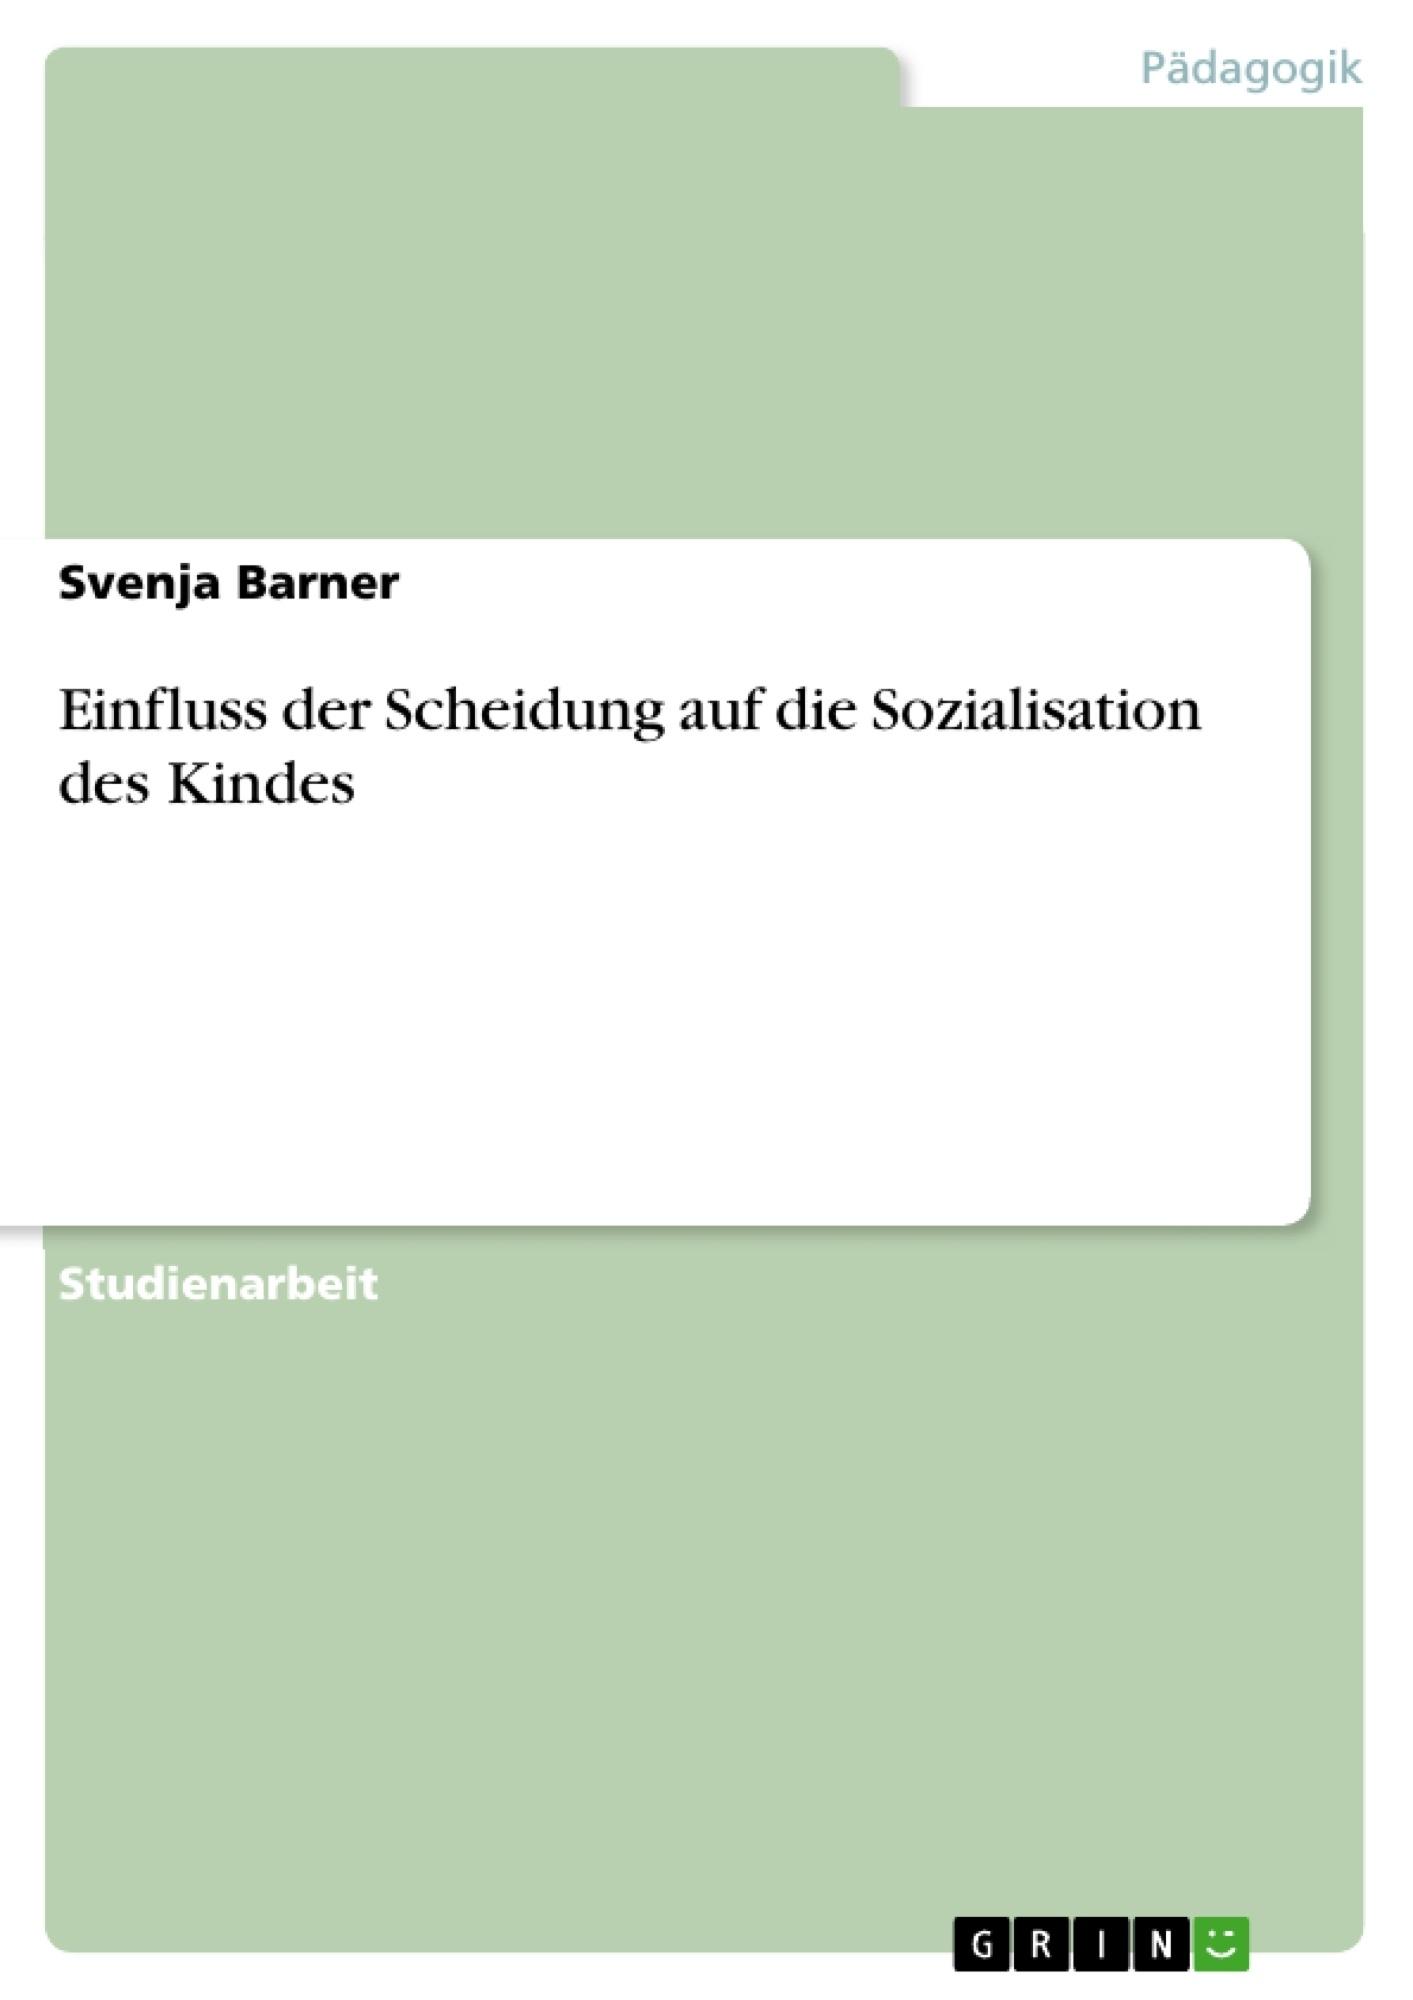 Titel: Einfluss der Scheidung auf die Sozialisation des Kindes